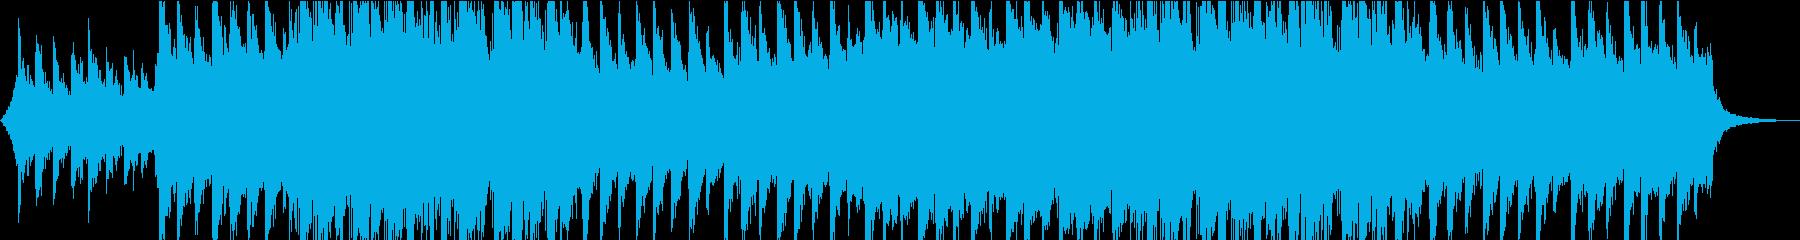 印象に残るメロディのピアノストリングス③の再生済みの波形